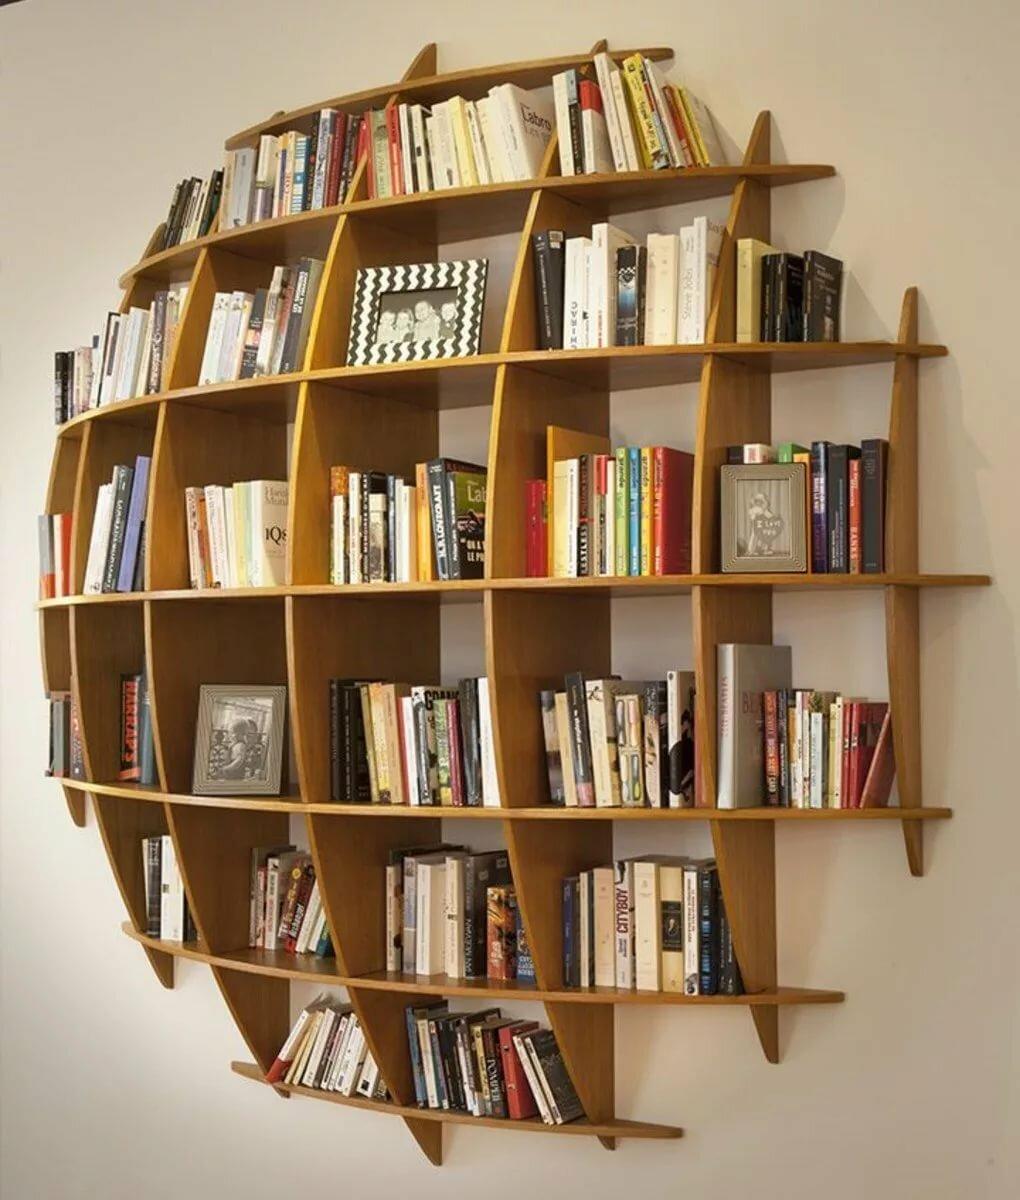 اشكال مكتبات خشب